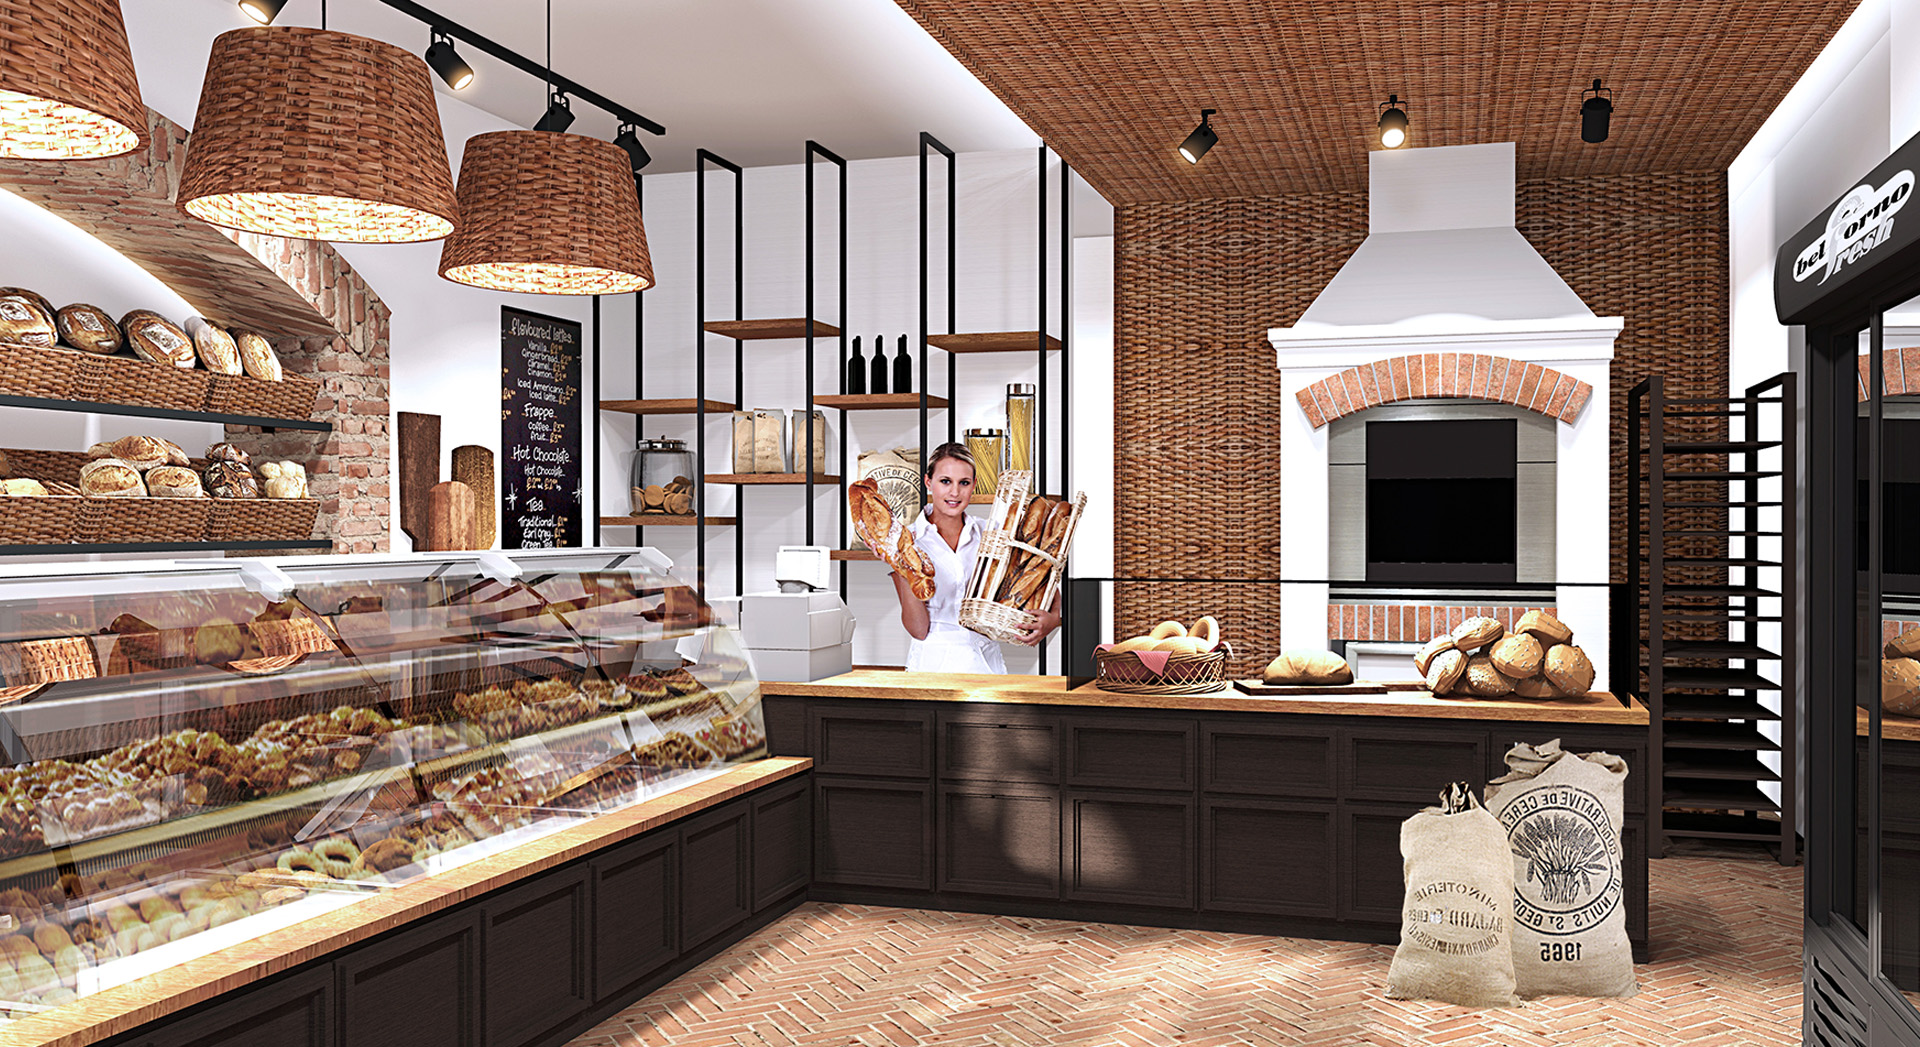 Magazin brutarie amenajat intr-un mix de modernitate industriala si caldura traditionala - o reinventare inedita a conceptului invechit de magazin de paine.